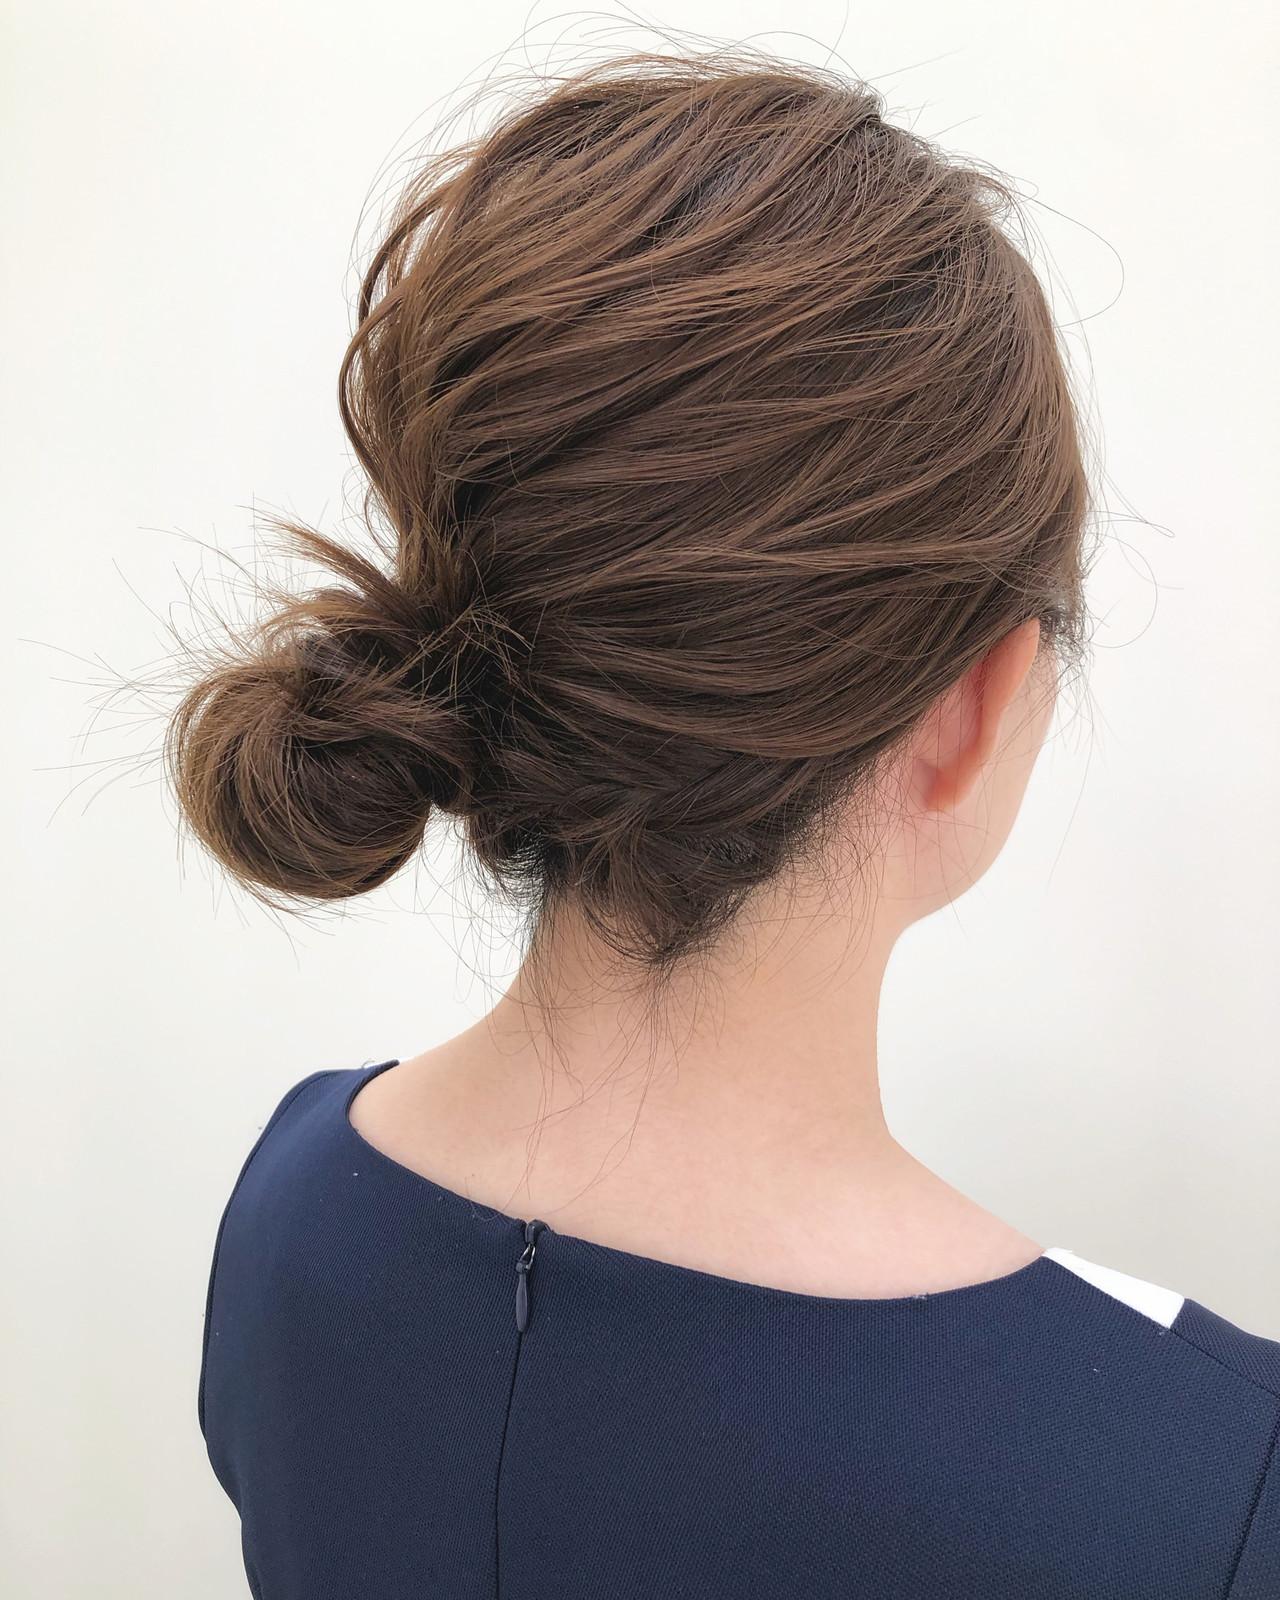 ヘアアレンジ ボブ ナチュラル 簡単ヘアアレンジ ヘアスタイルや髪型の写真・画像